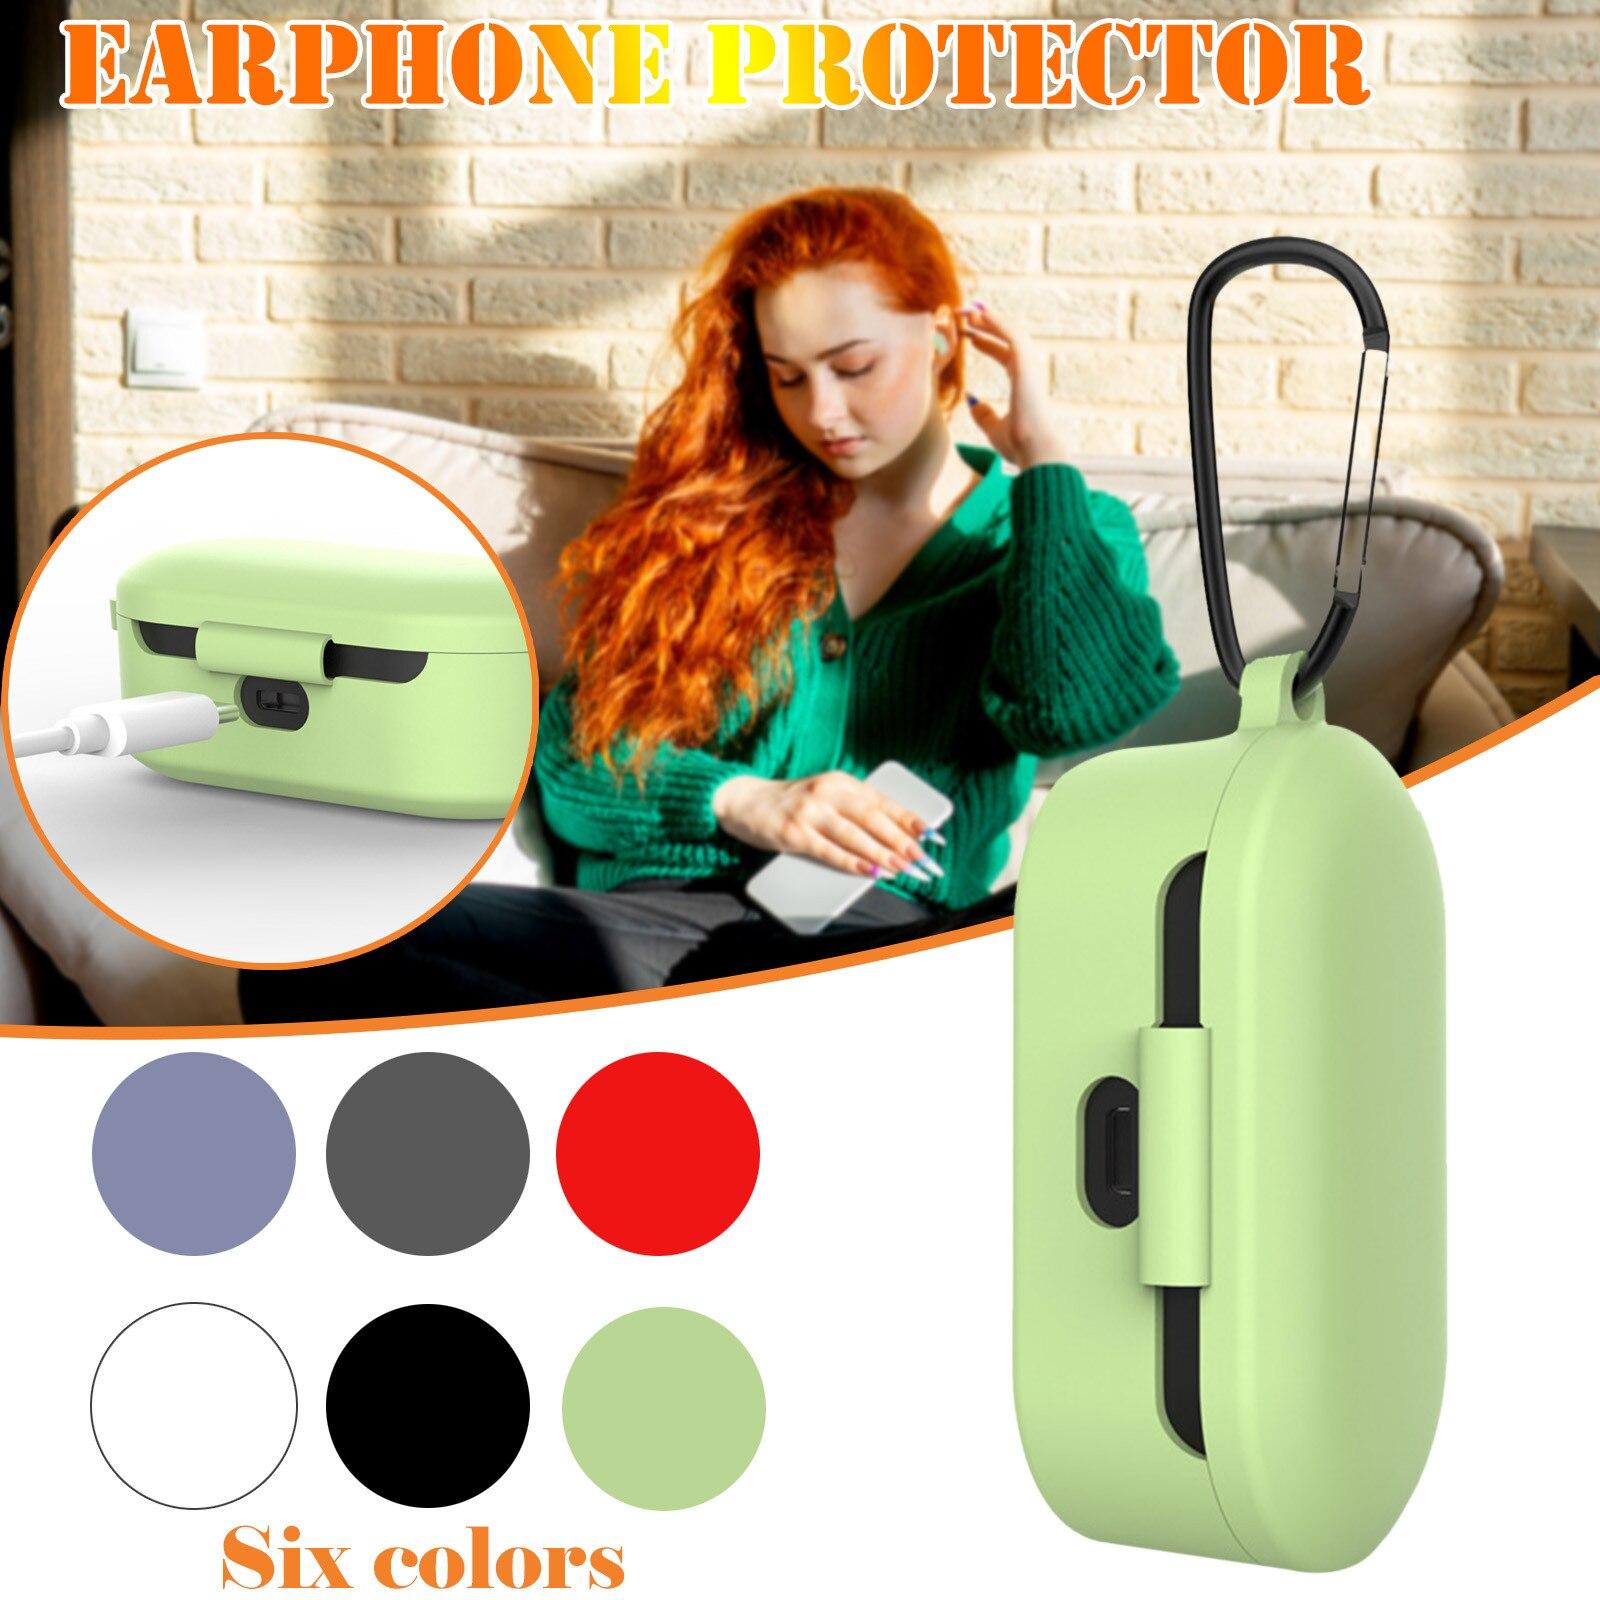 Capa protetora de silicone para fones de ouvido, capa de proteção de silicone com fivela anti-perda para QCY-T1 qs2 airdots